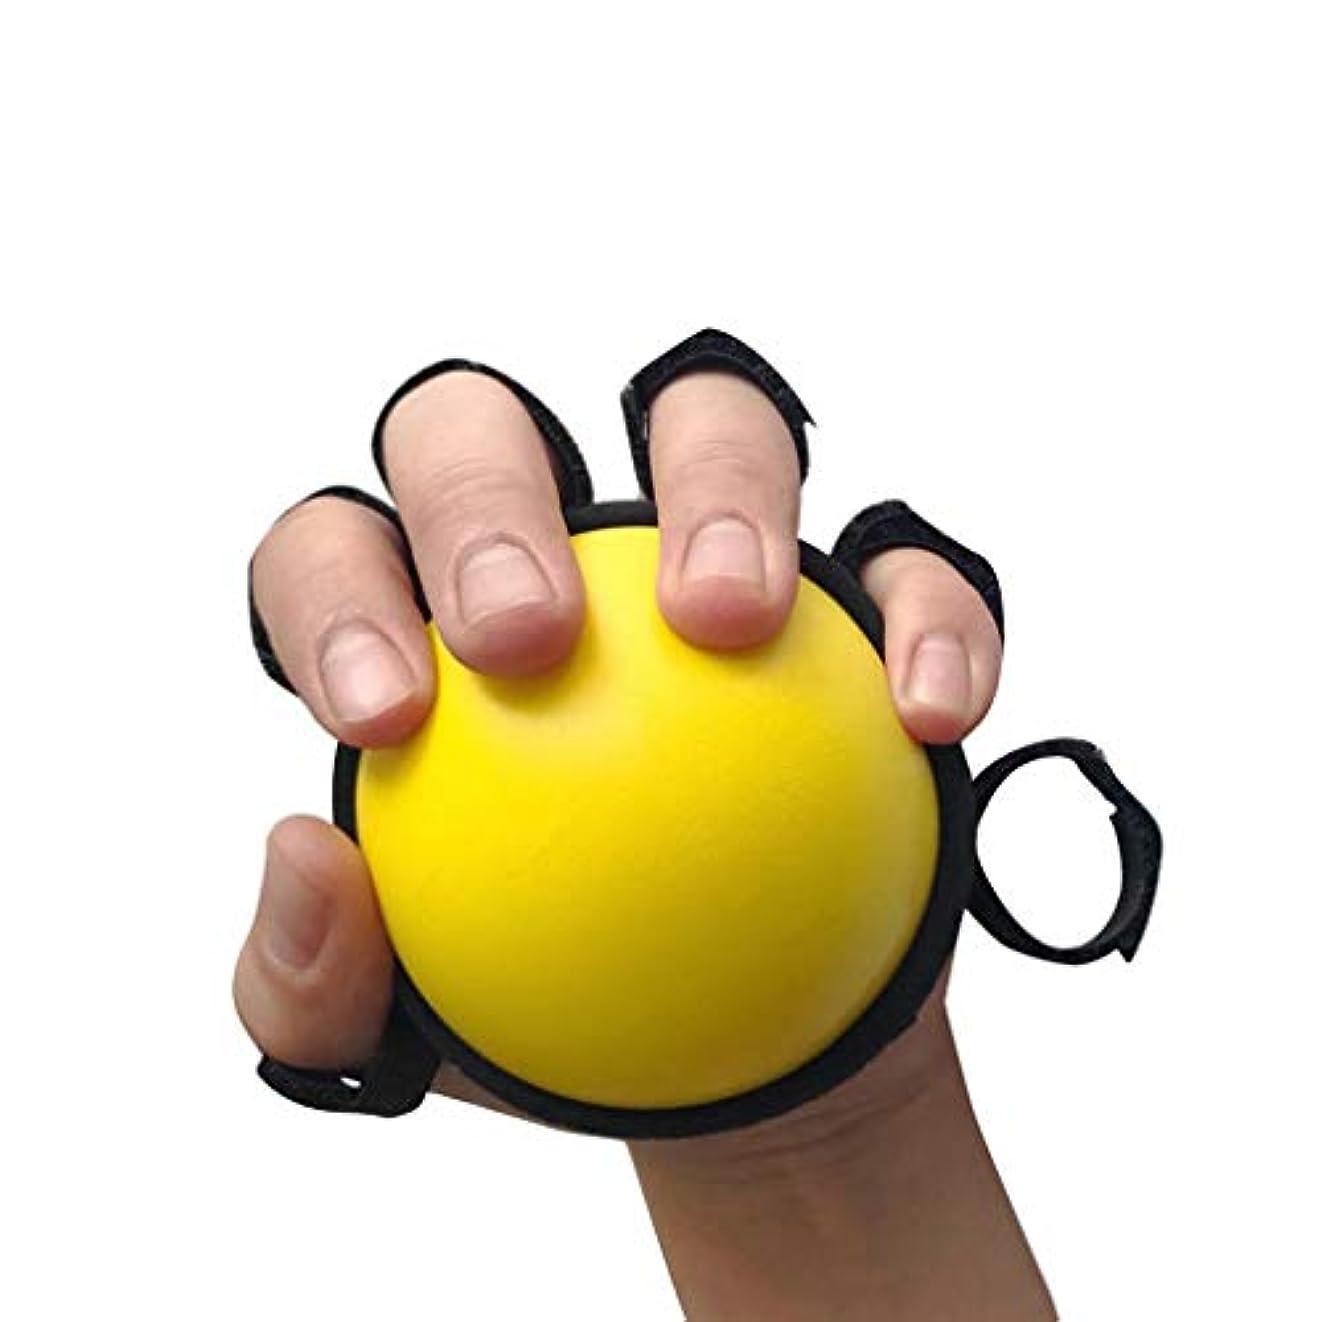 エクスタシーのどクスコストロークを軽減するために、5本指の分離グリップボールリハビリトレーニング、指が自分自身を分離することはできません手にハイ筋肉の緊張を持つ人々のために適した片麻痺、手指し機器は、緩和することができます